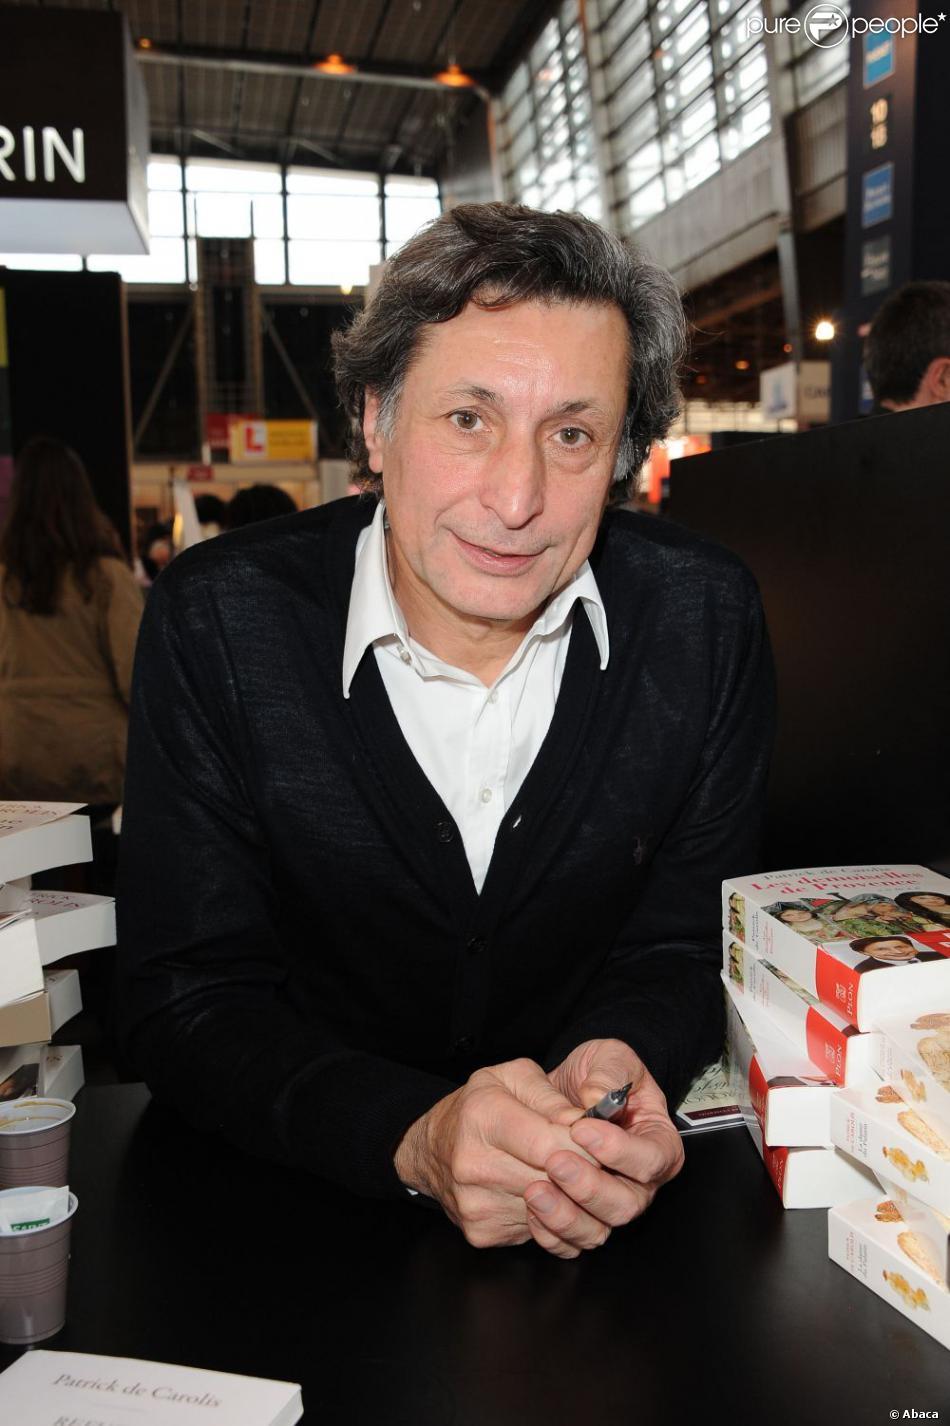 """Patrick de Carolis signe son livre """"La Dame du Palatin"""" au Salon du livre de PAris, le 20 mars 2011."""